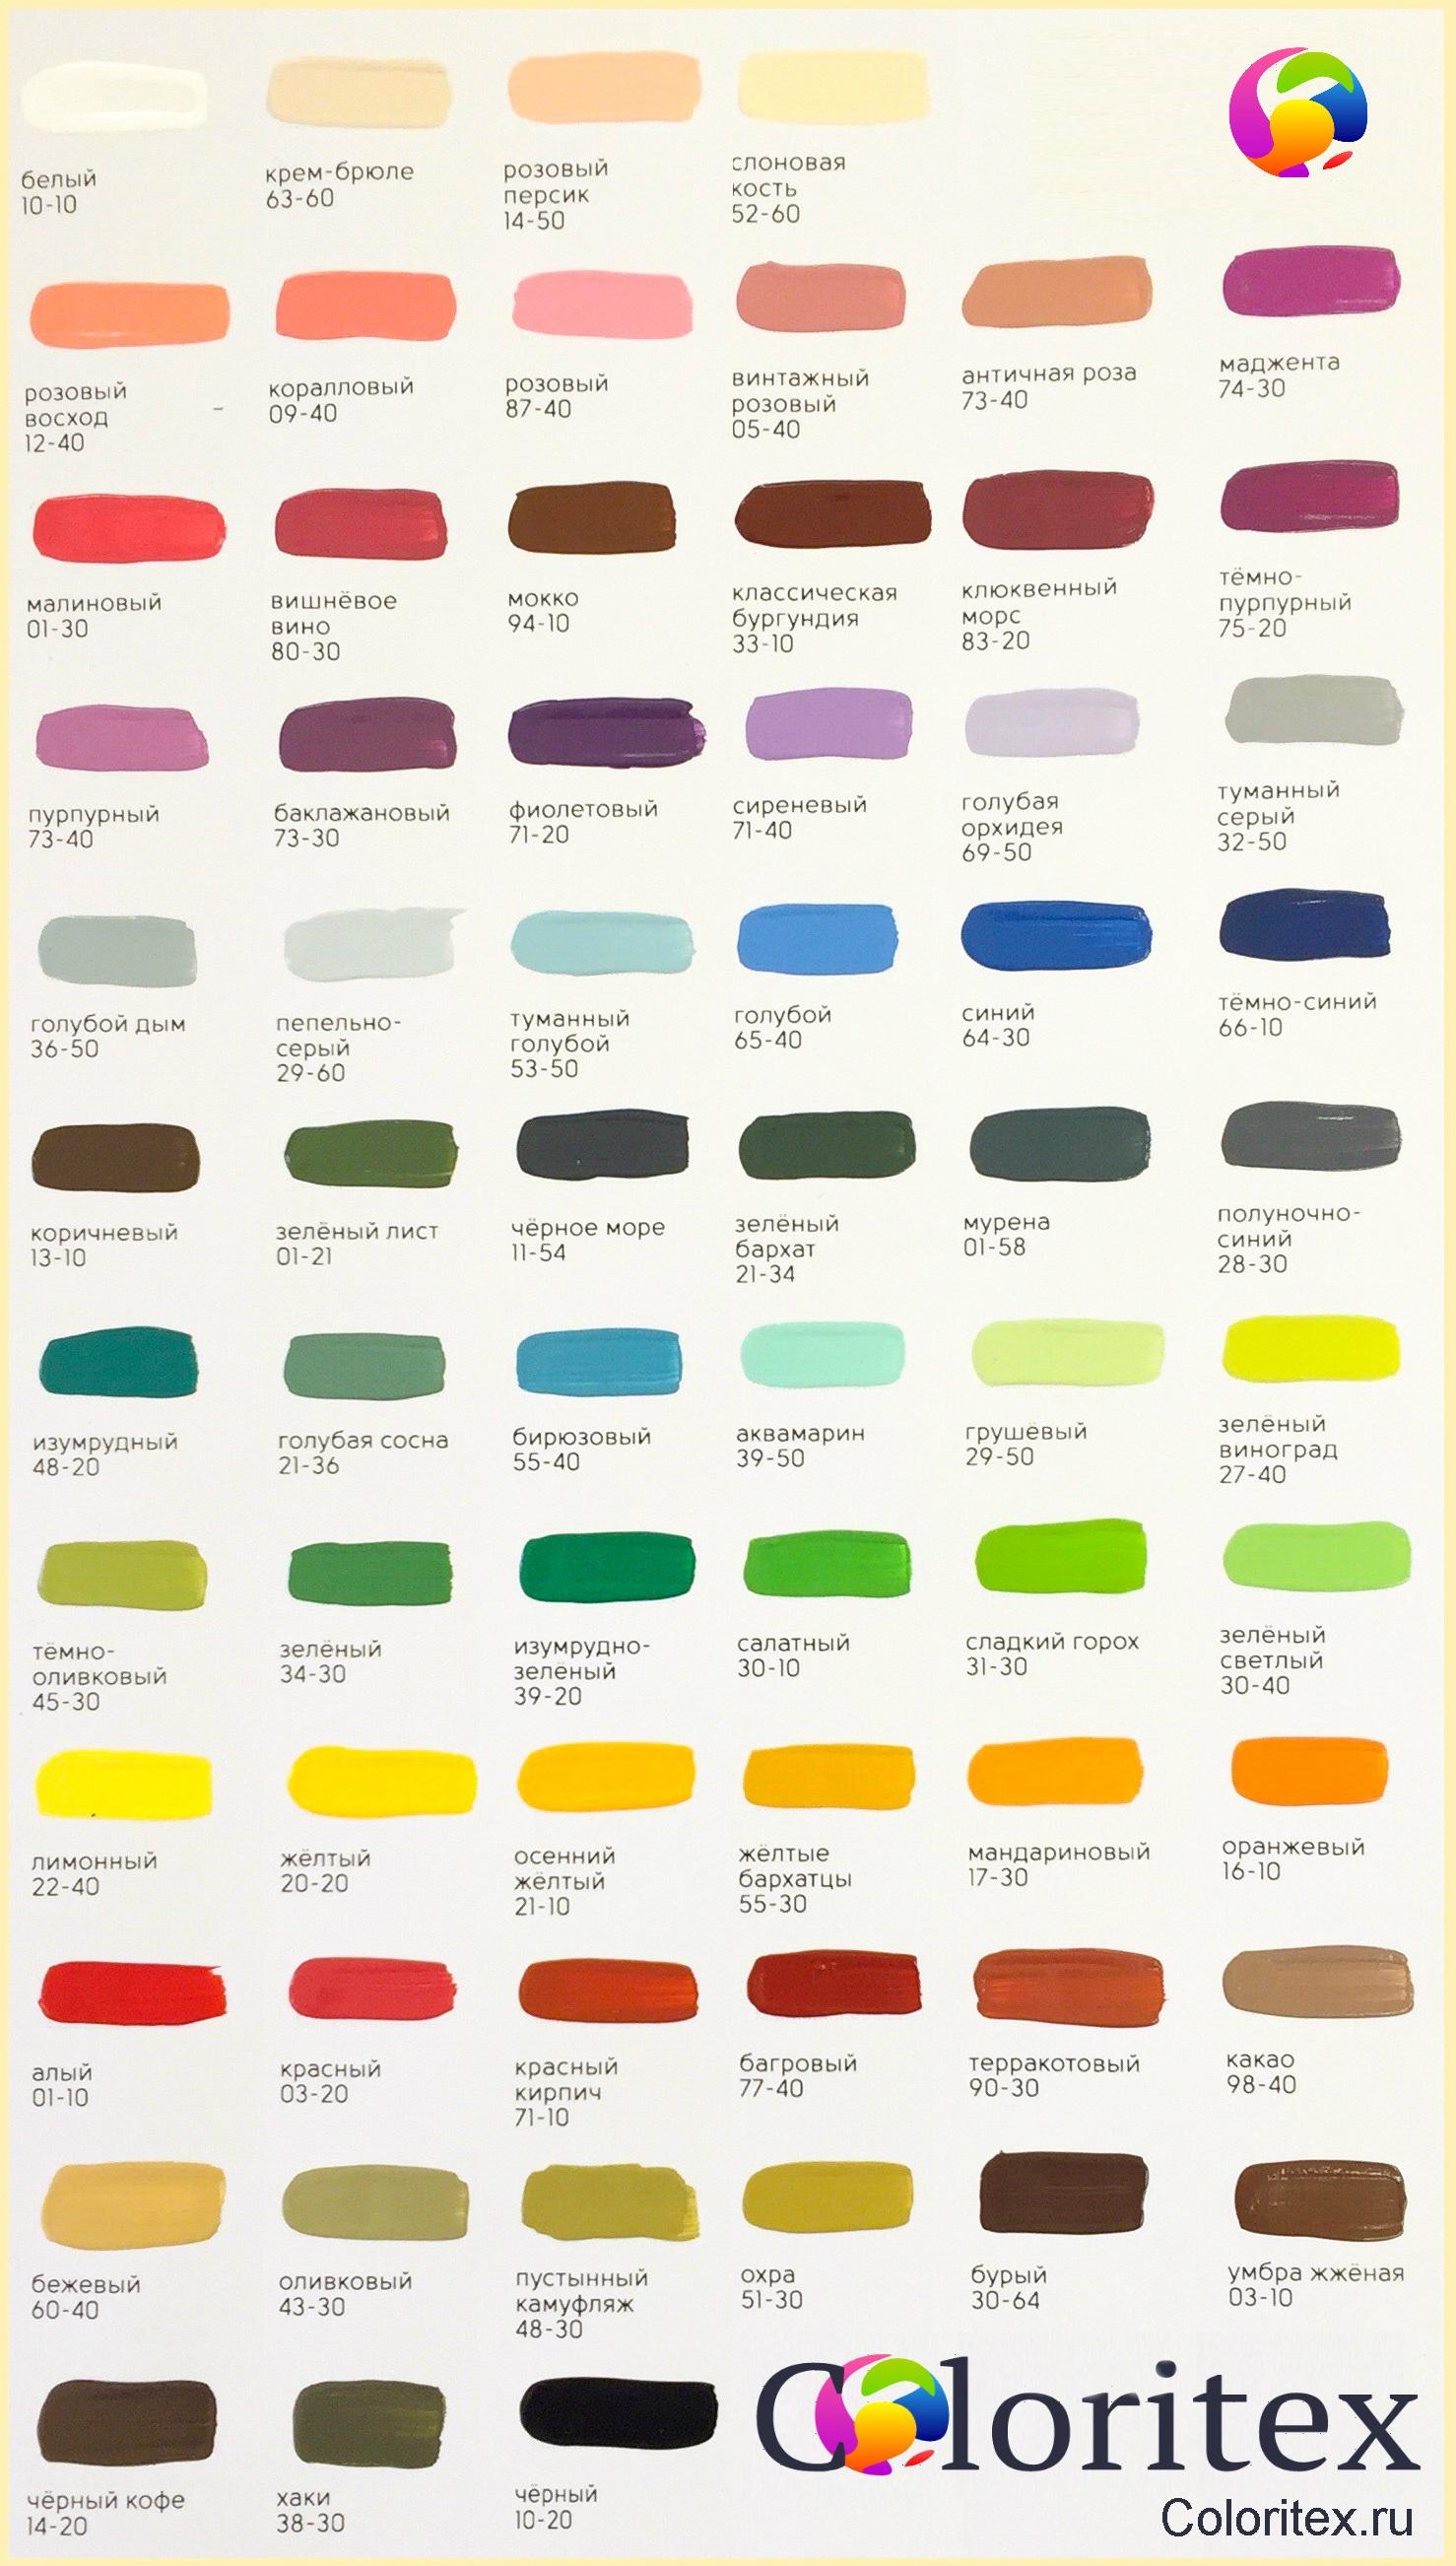 Таблица красок красителей для свечей